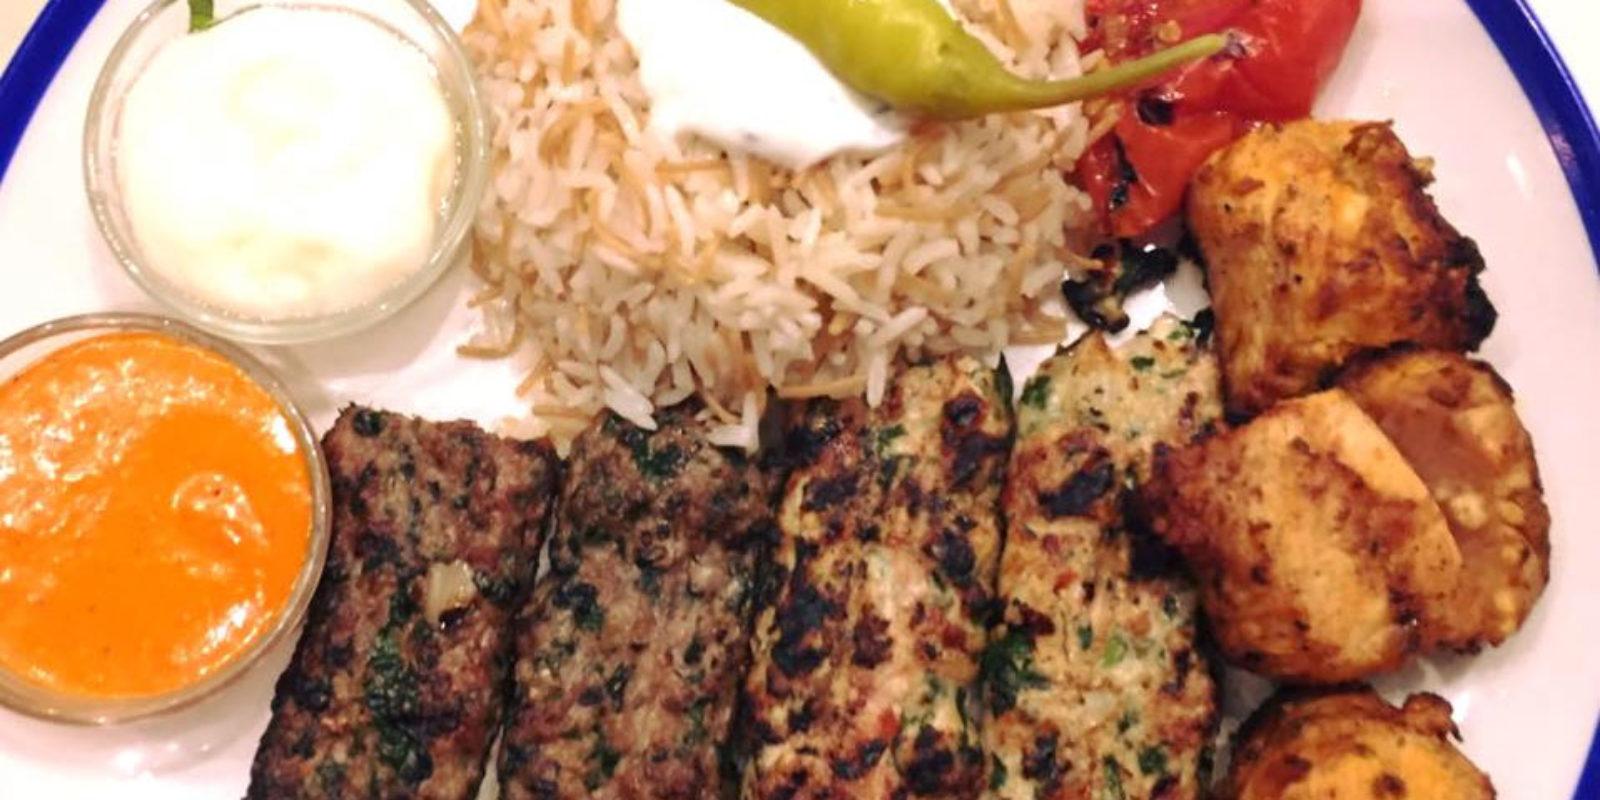 Comptoir-Libanais-Mixed-Grill